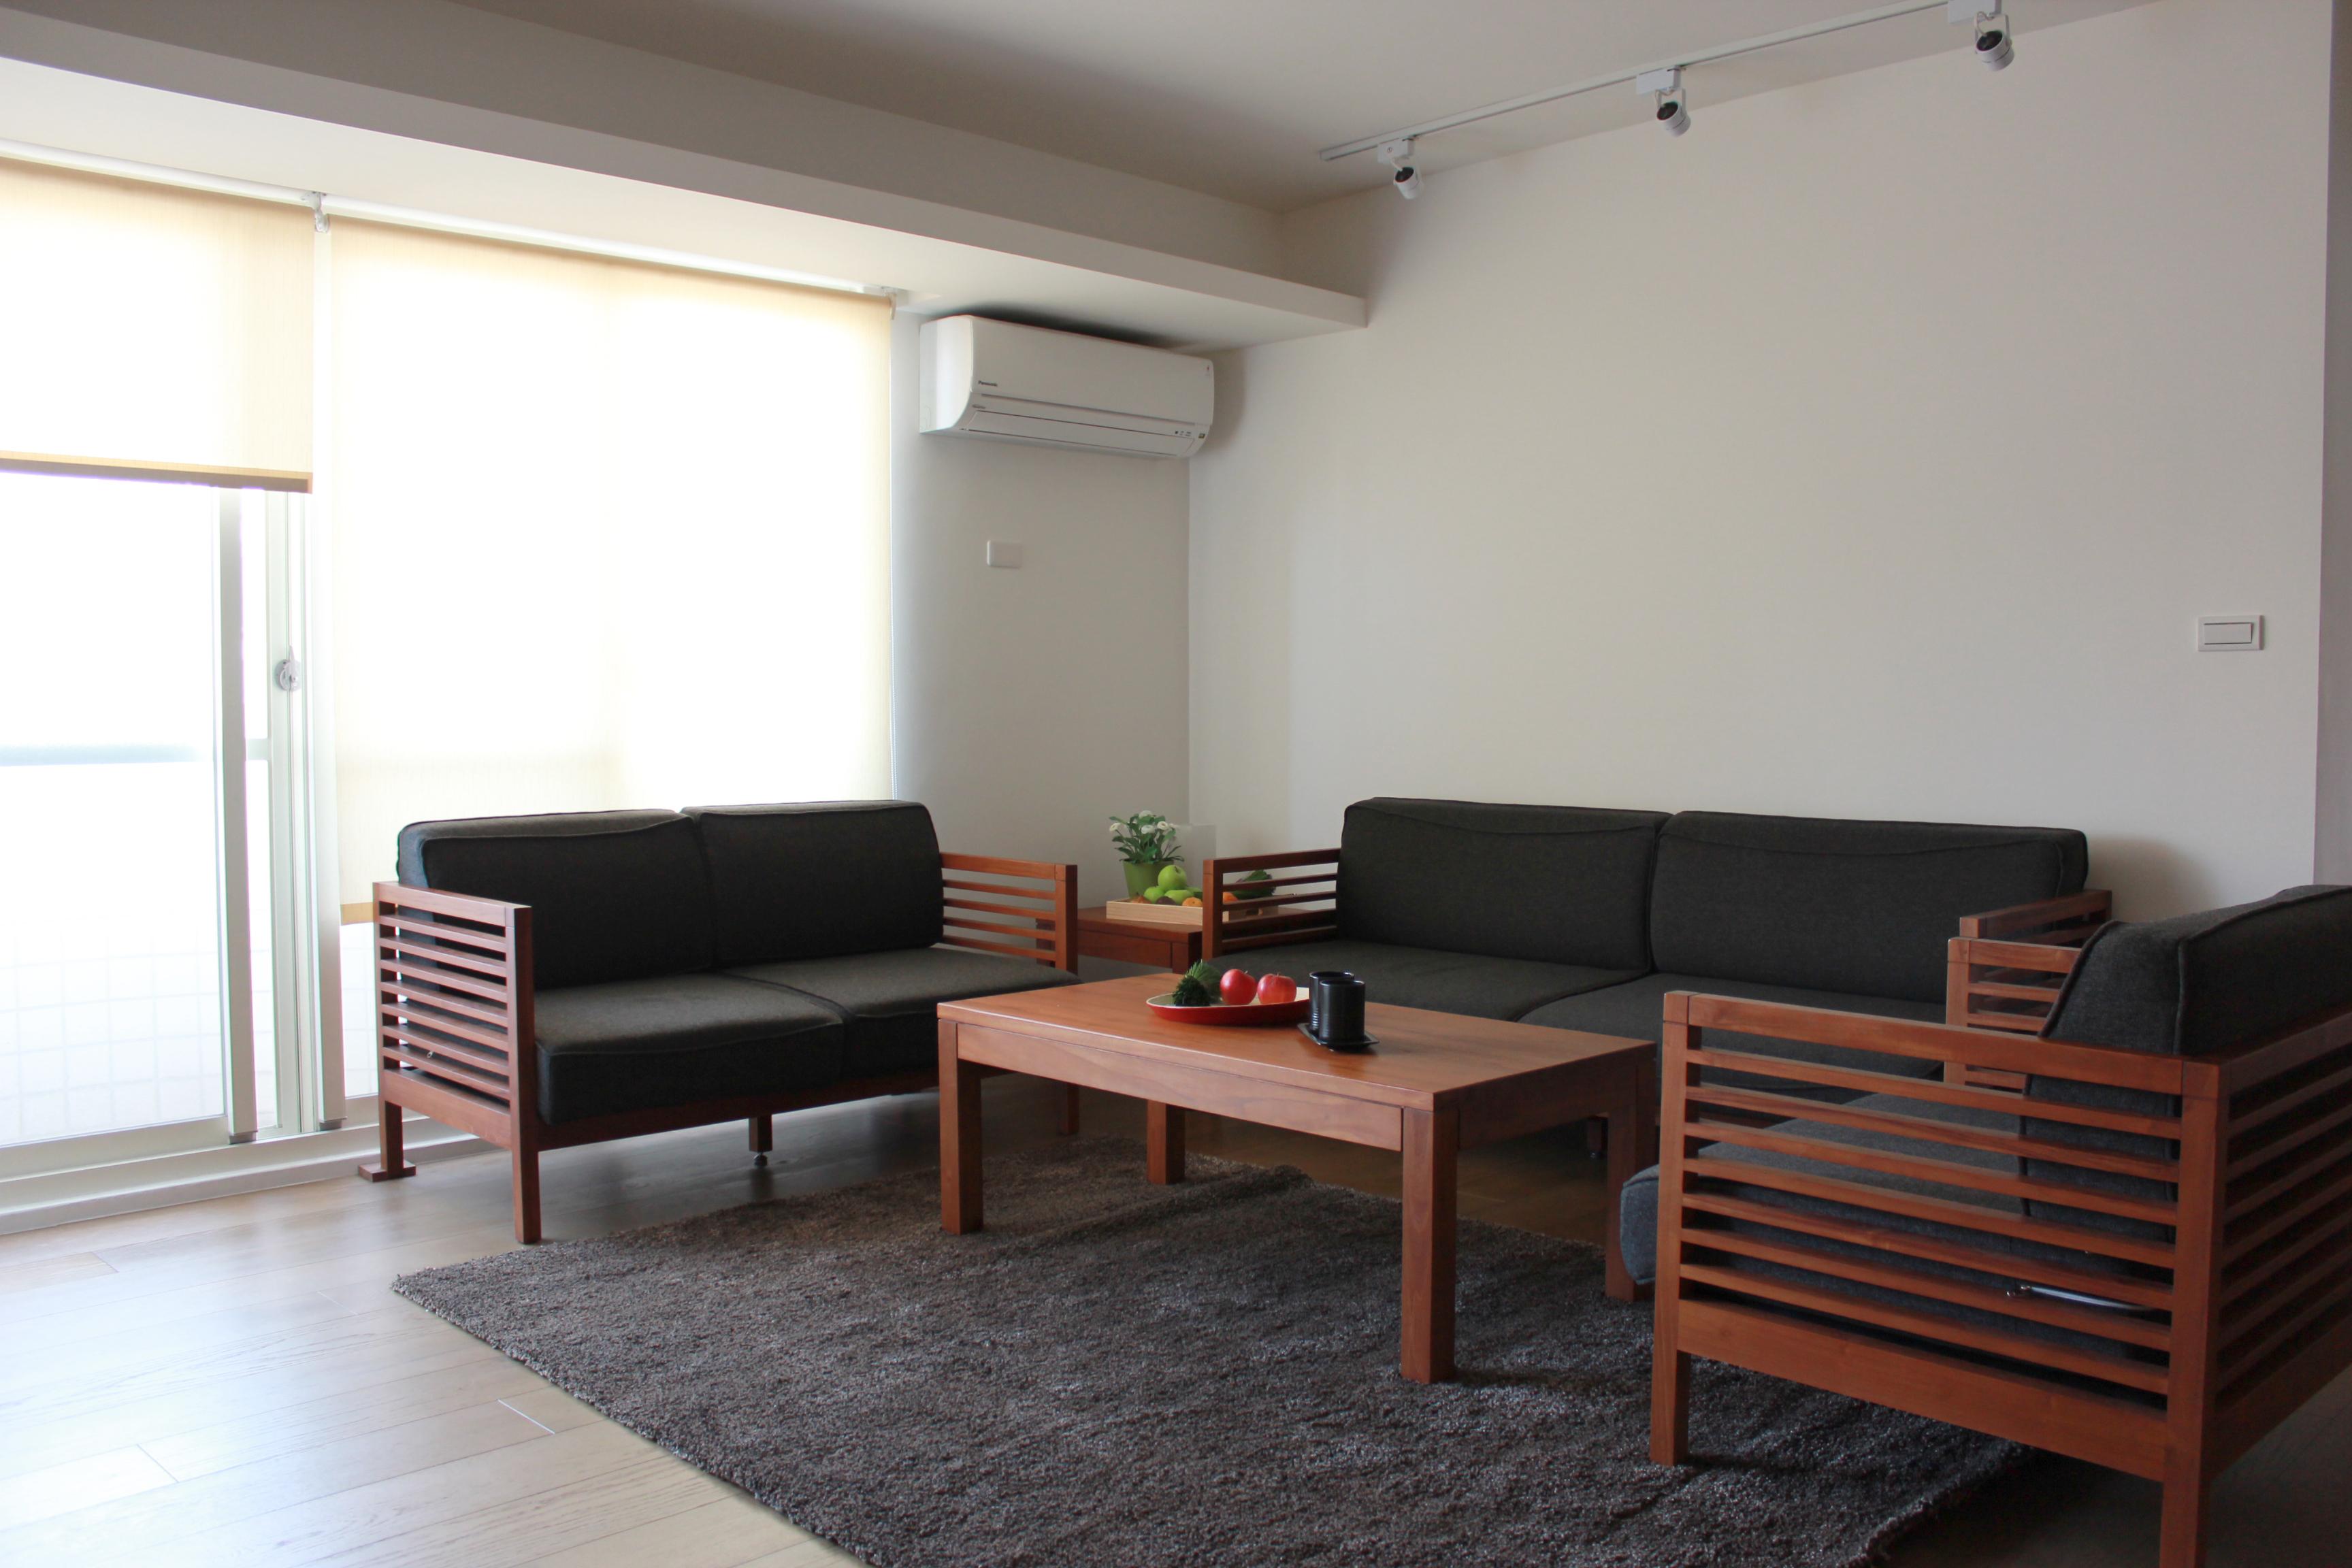 客廳沙發區